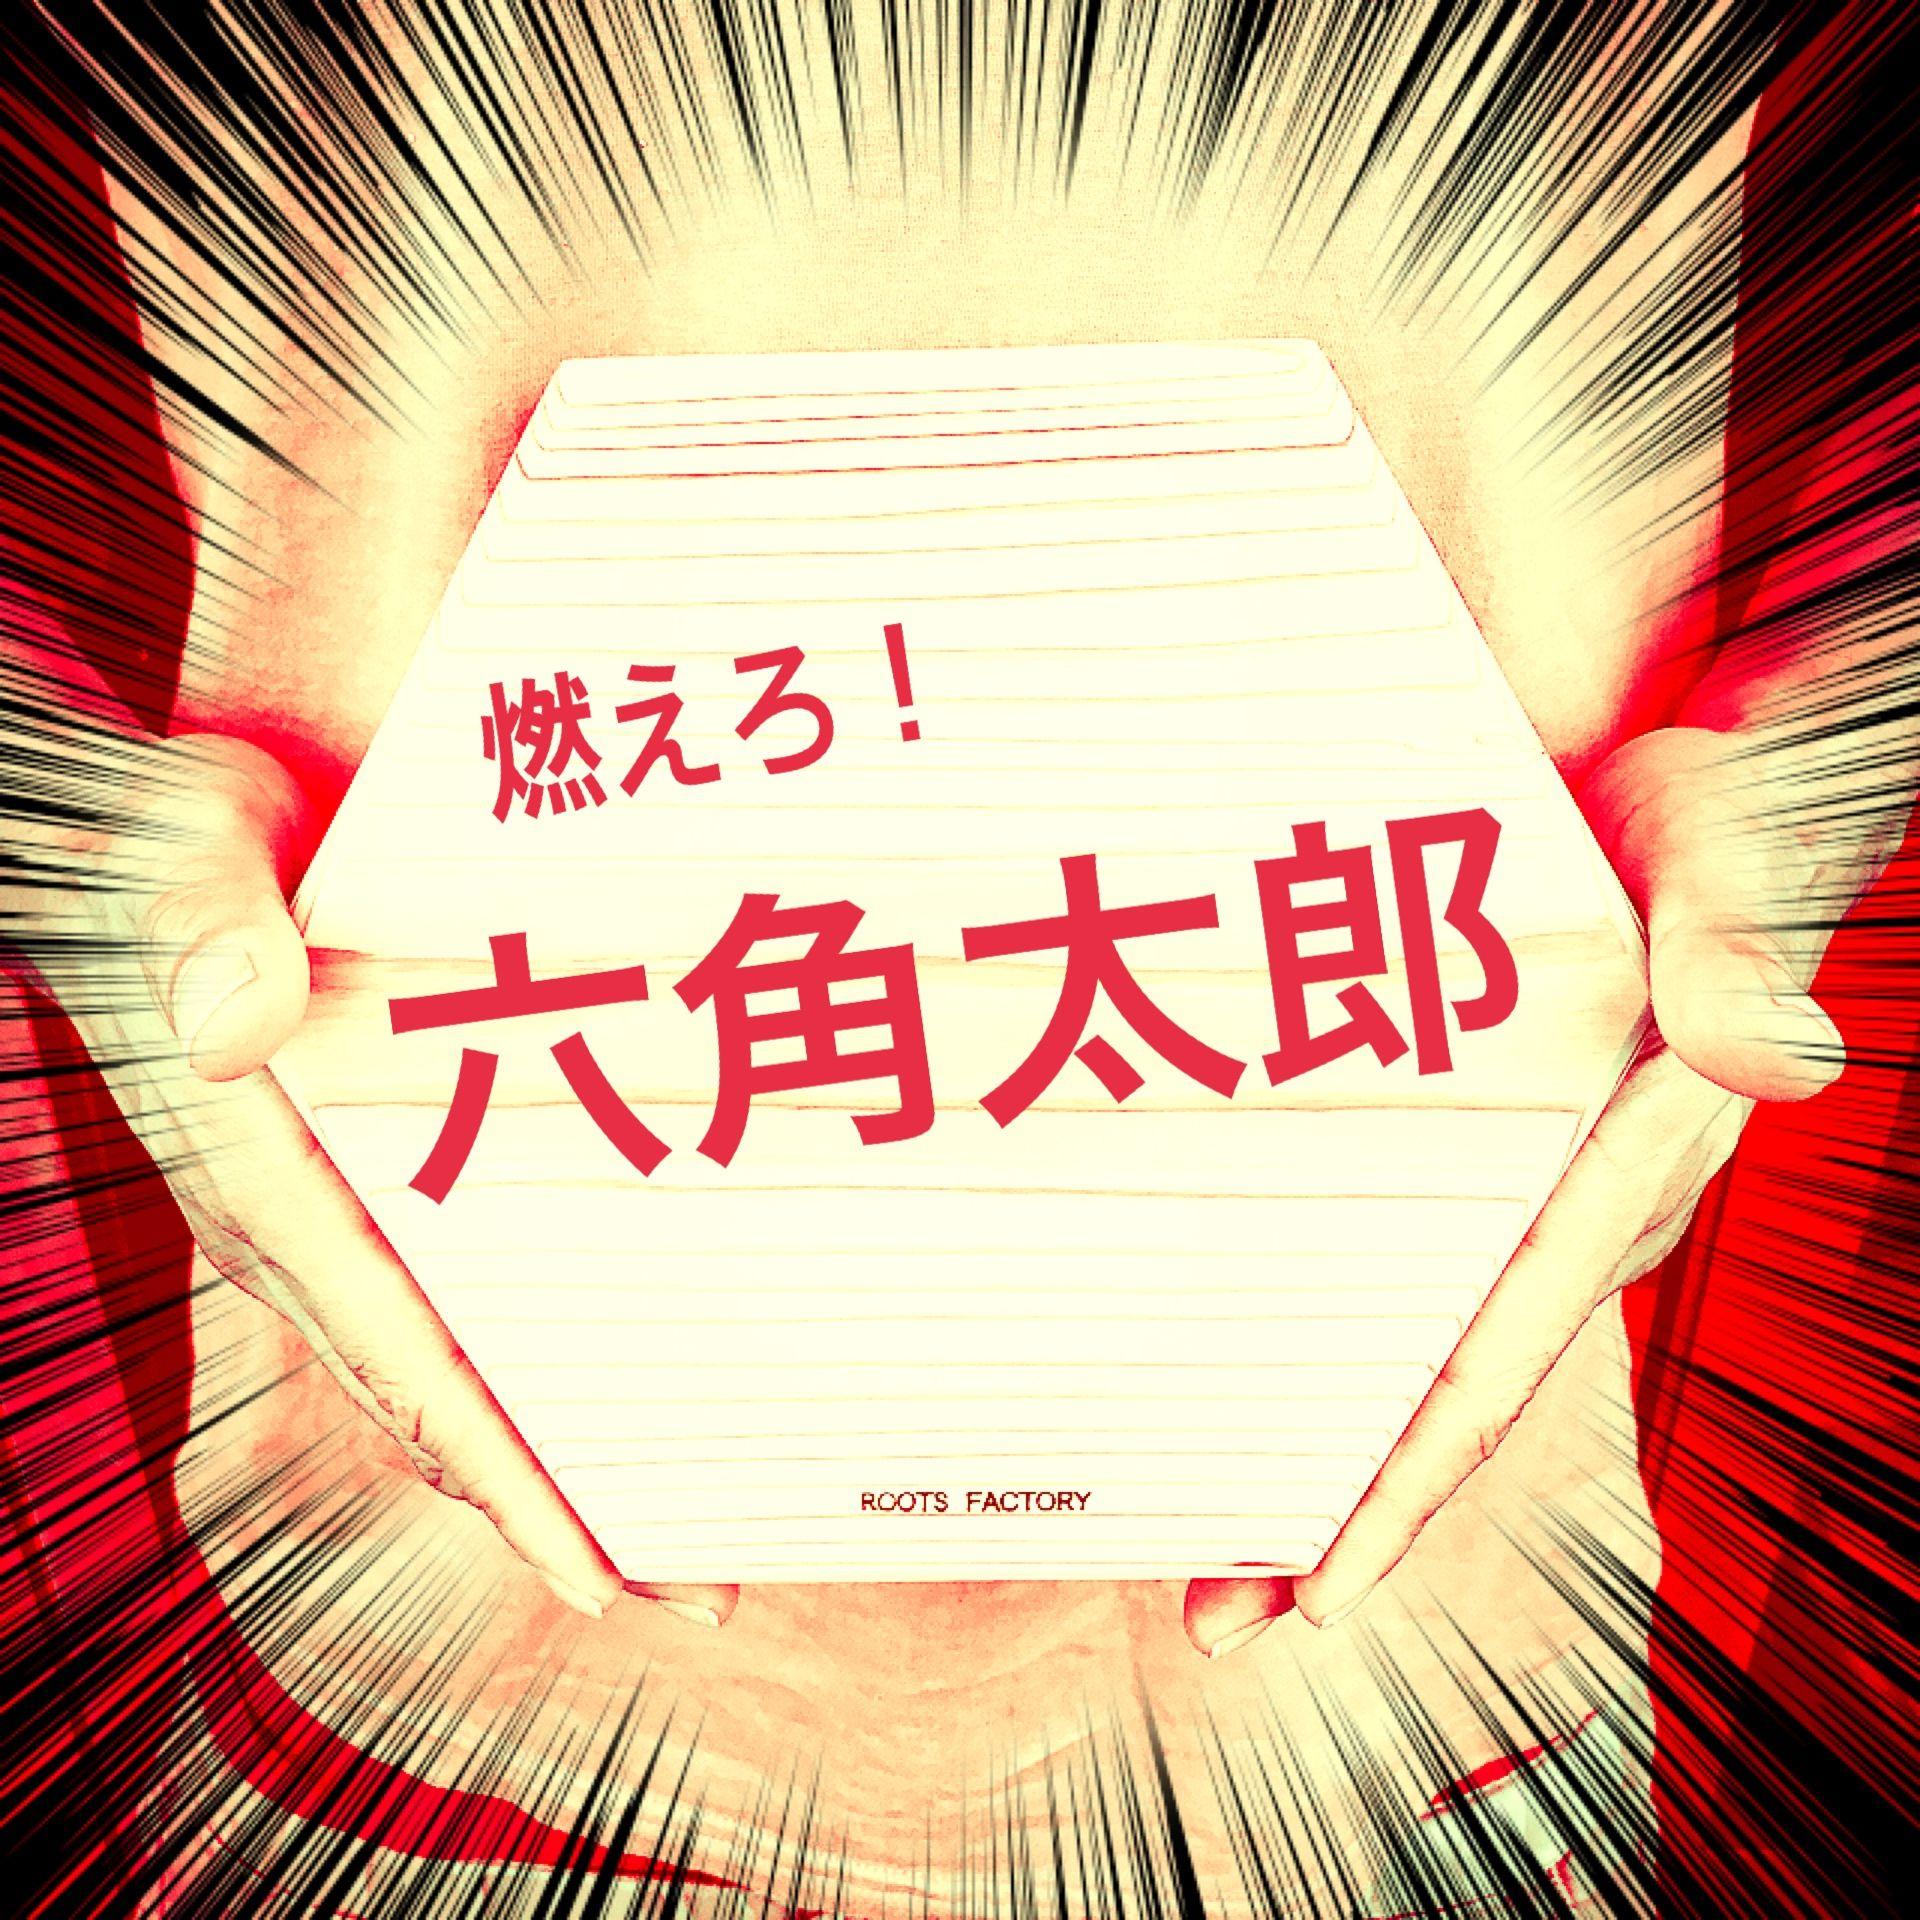 燃えろ!六角太郎